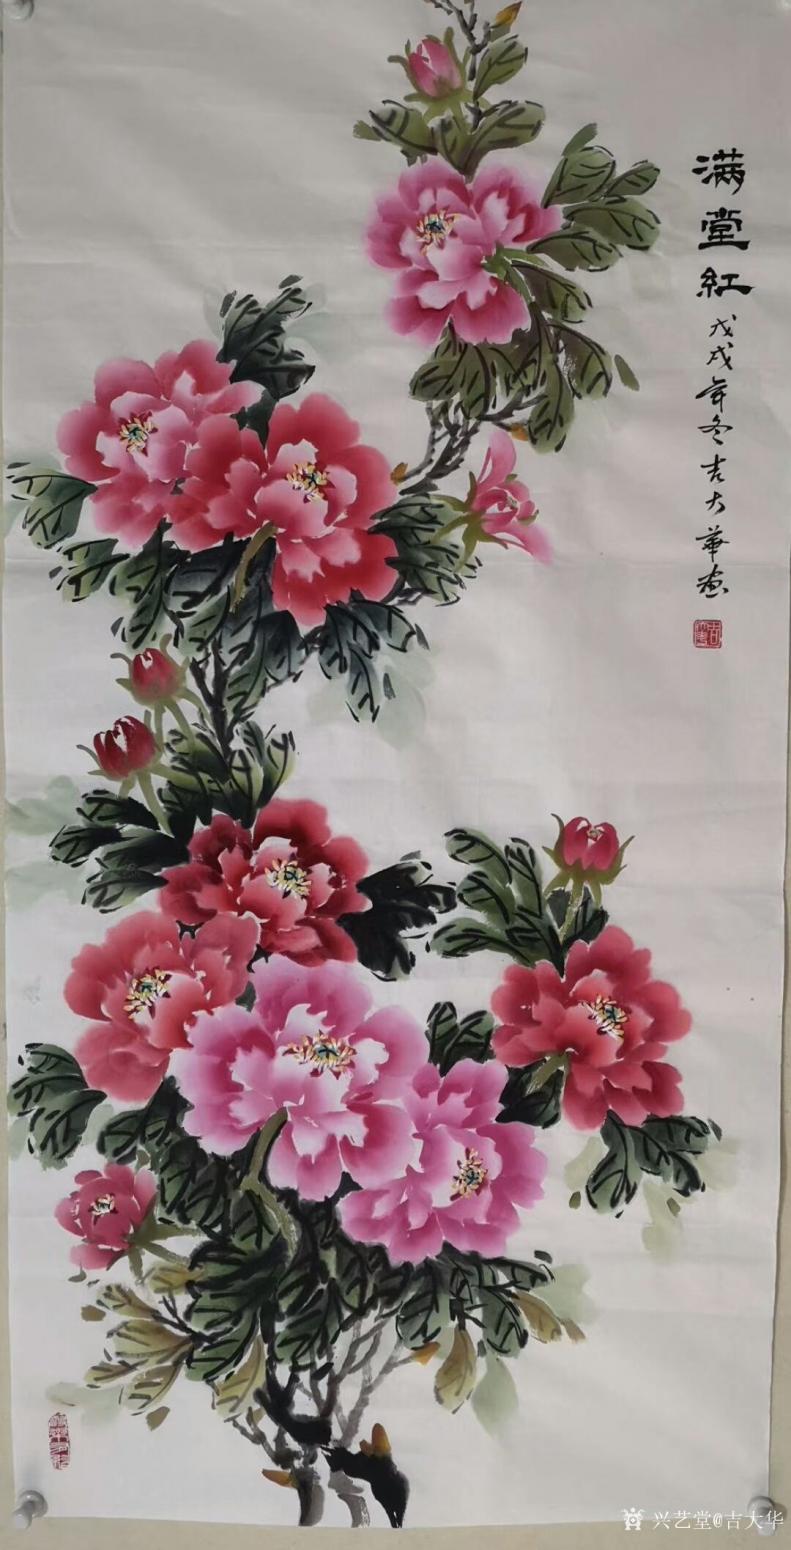 吉大华国画作品《牡丹-满堂红》【图0】